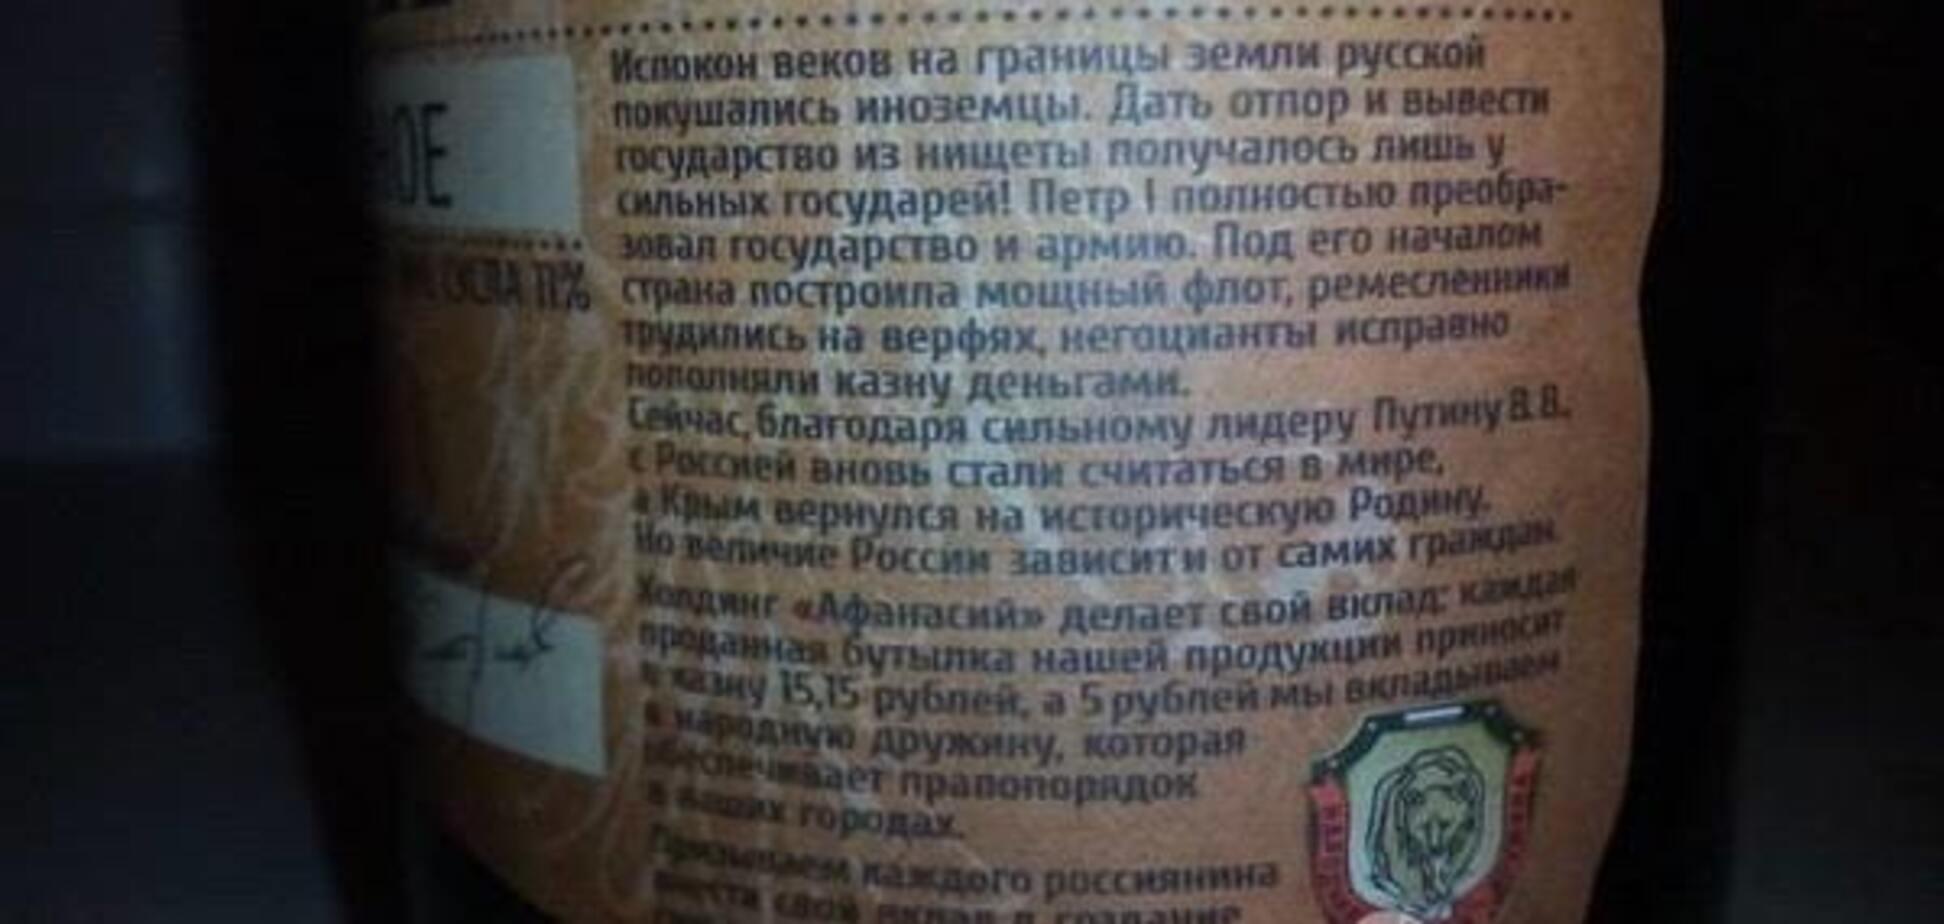 В донецких магазинах продается пиво с рекламой 'сильного лидера' Путина: фотофакт